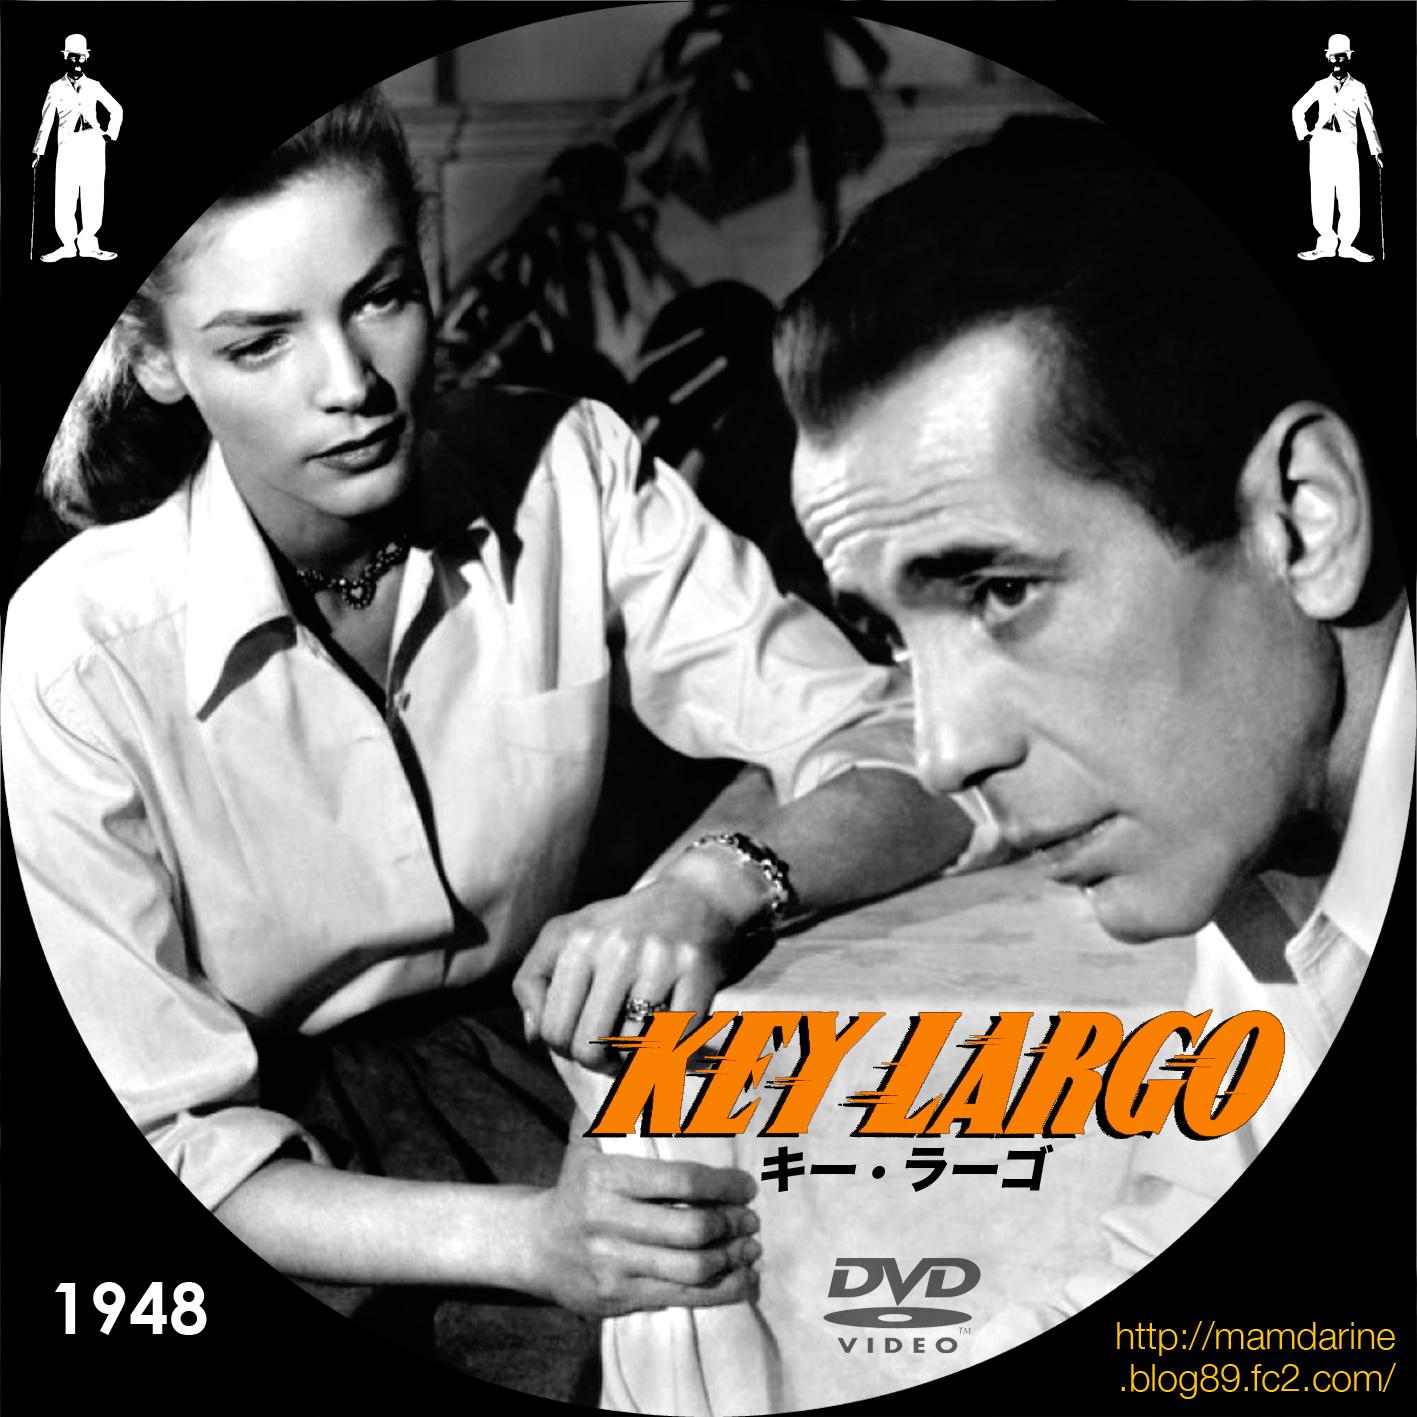 キー・ラーゴ」 Key Largo(1948) - 美しき女たち男たち